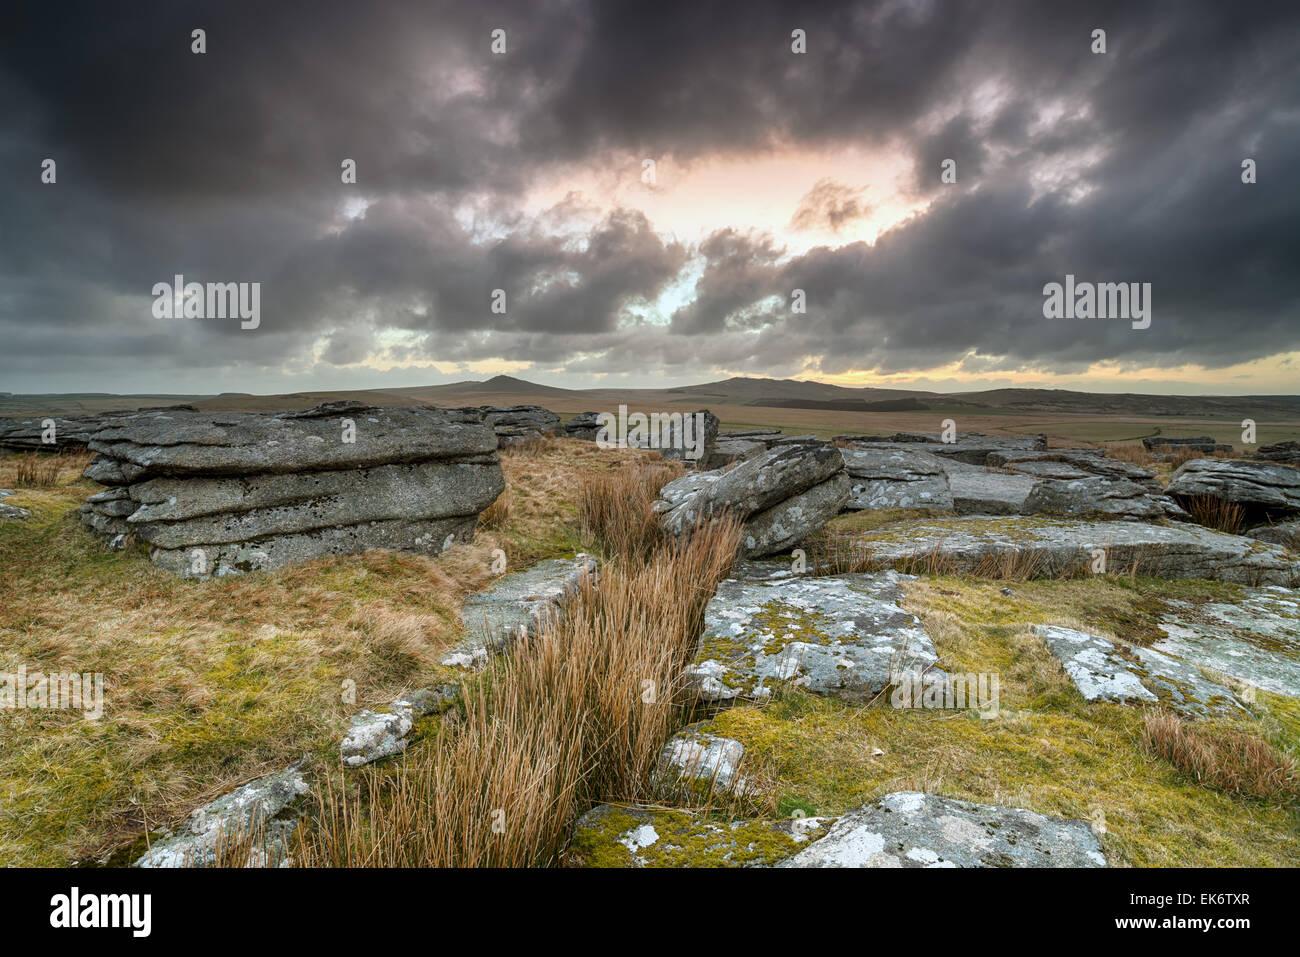 Un ciel d'orage spectaculaire sur Bodmin Moor en Cornouailles, à l'extérieur, vers les collines Photo Stock